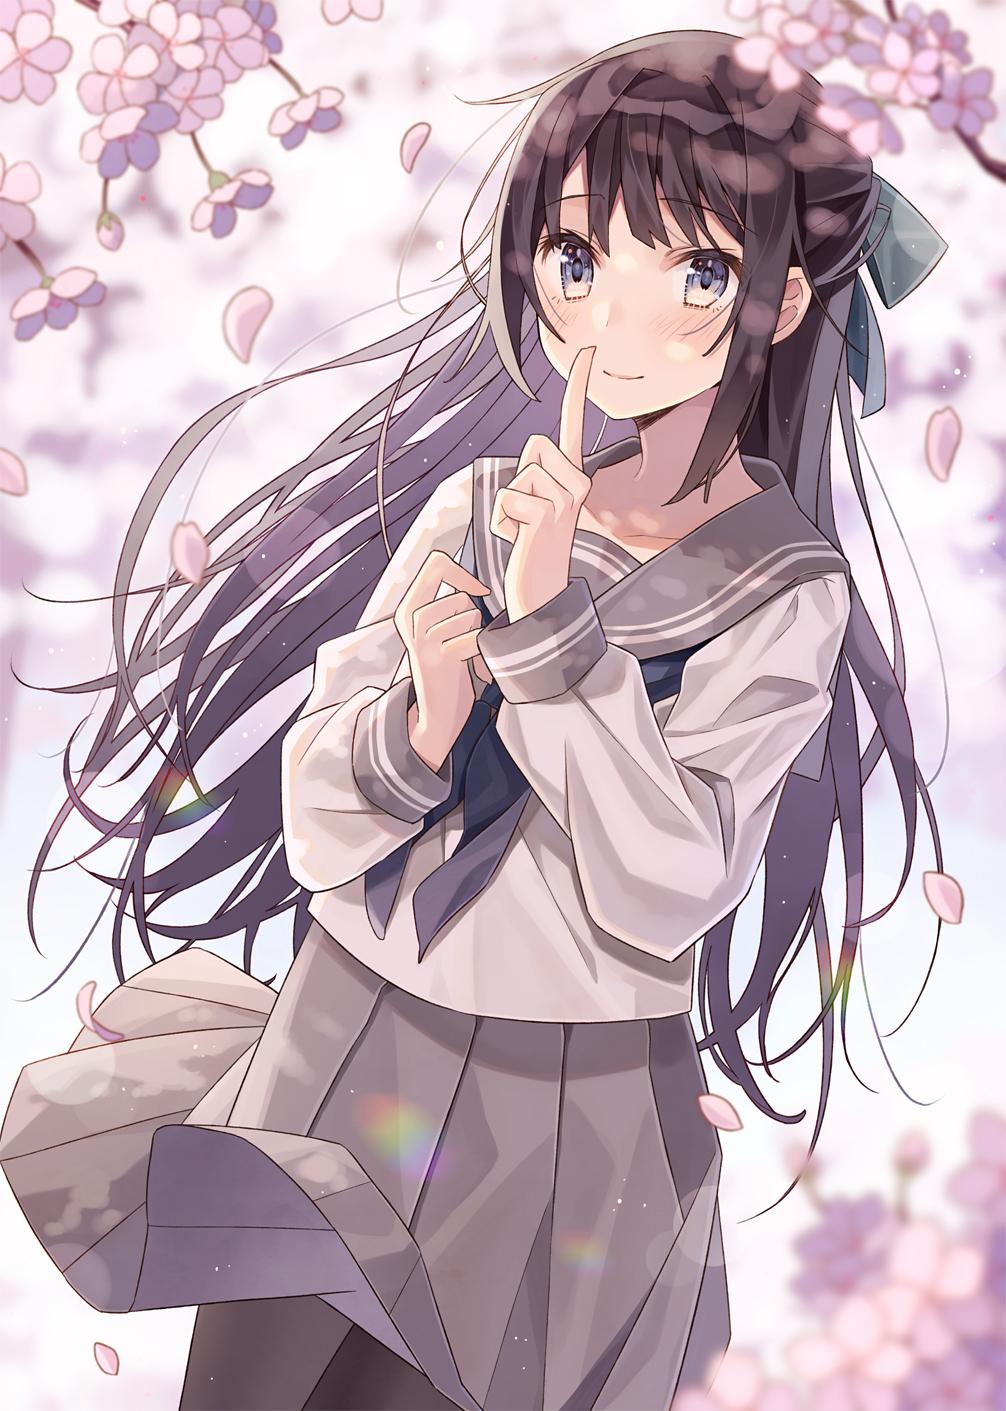 【P站画师】文静又温柔的女孩子们,日本画师みなせなぎ的插画作品- ACG17.COM